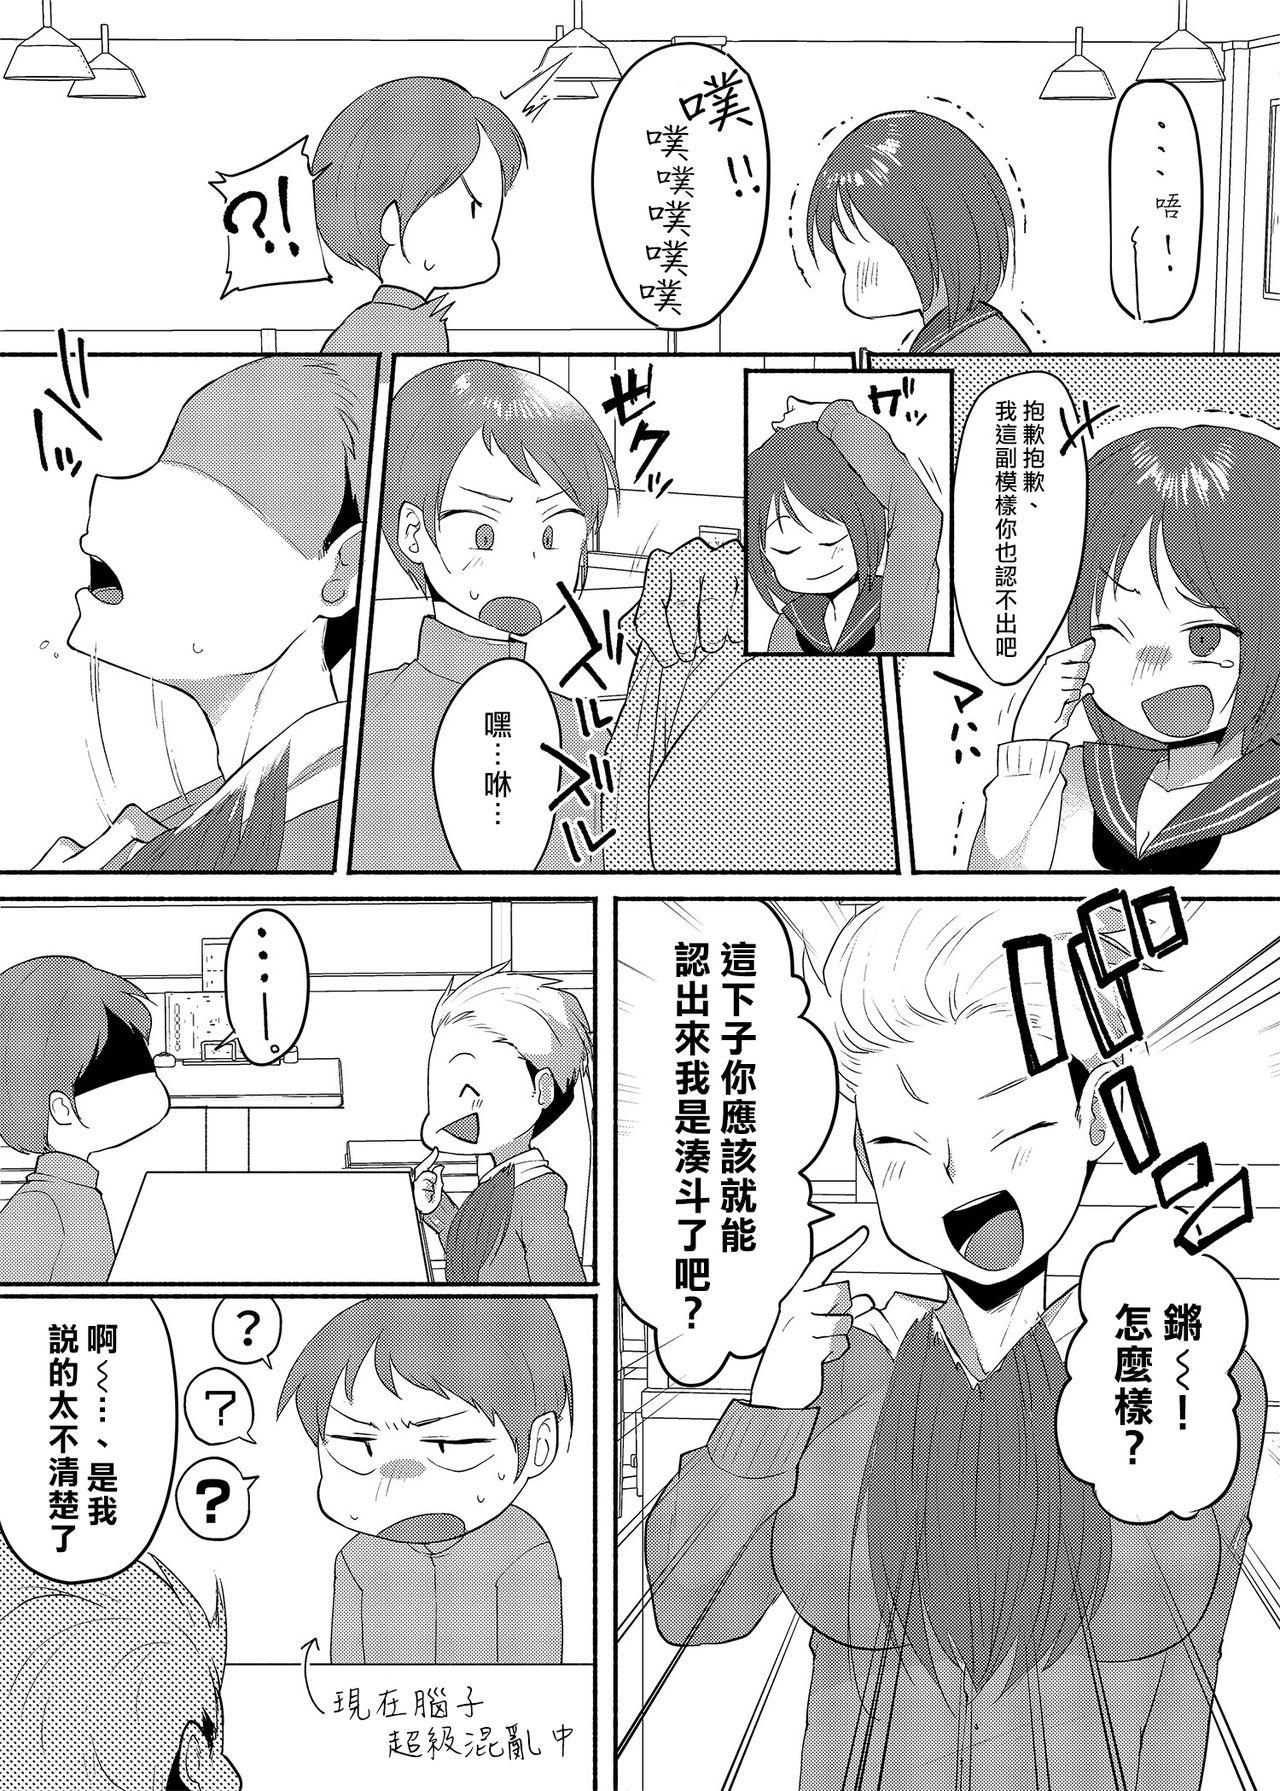 Josouheki ga Kojiretara Konna Otona ni Narimashita 4